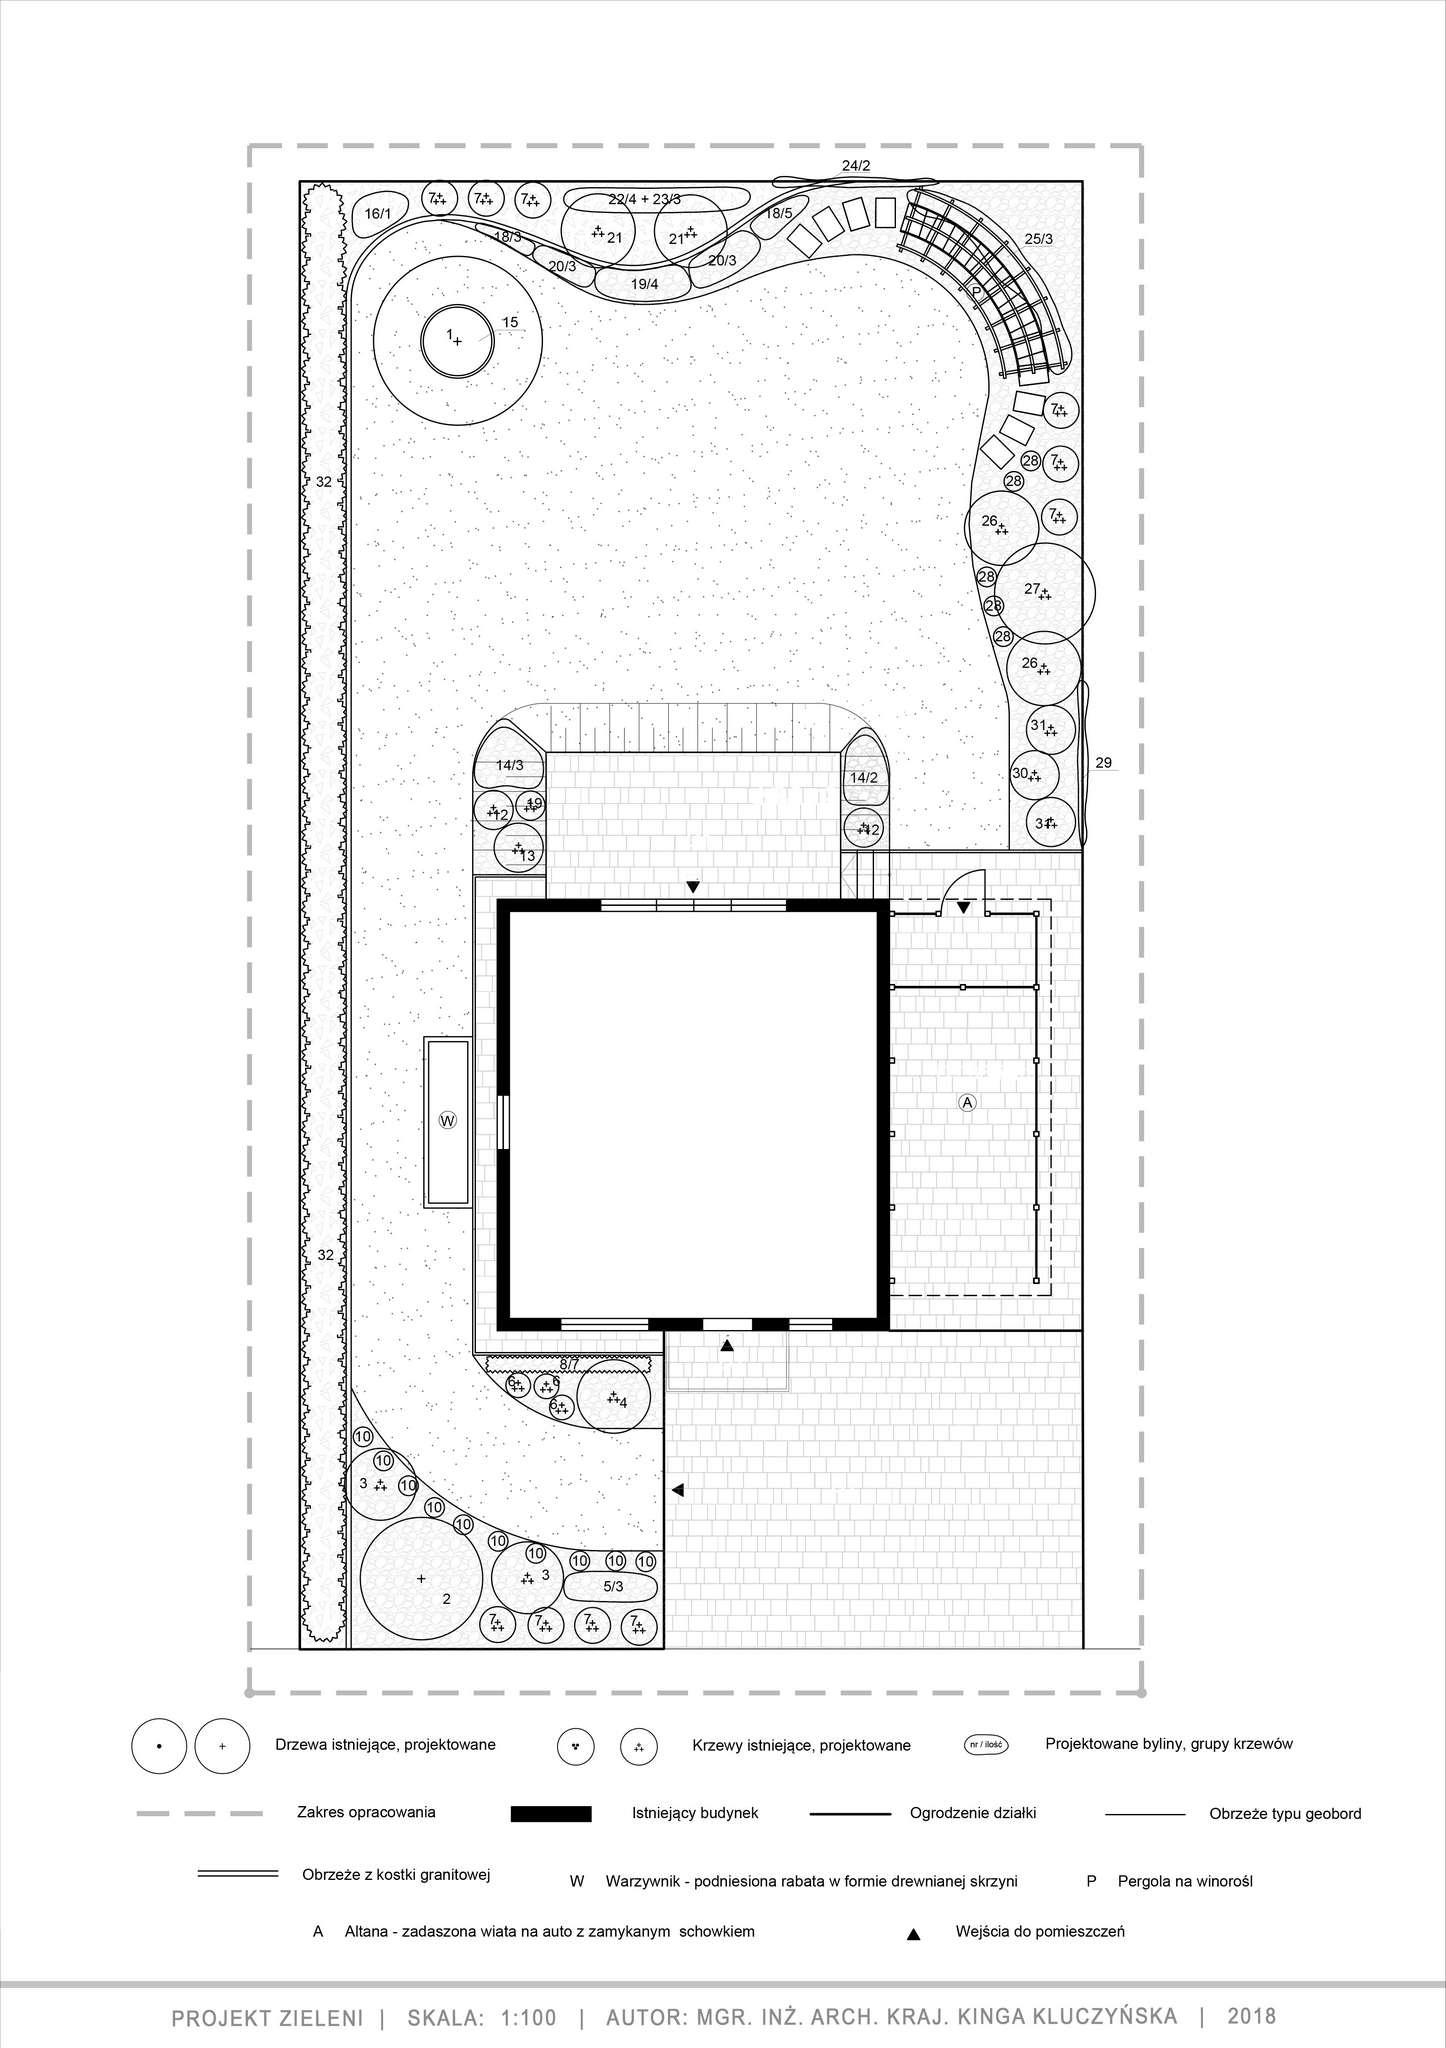 ogród w ognistych barwach - projekt techniczny zieleni